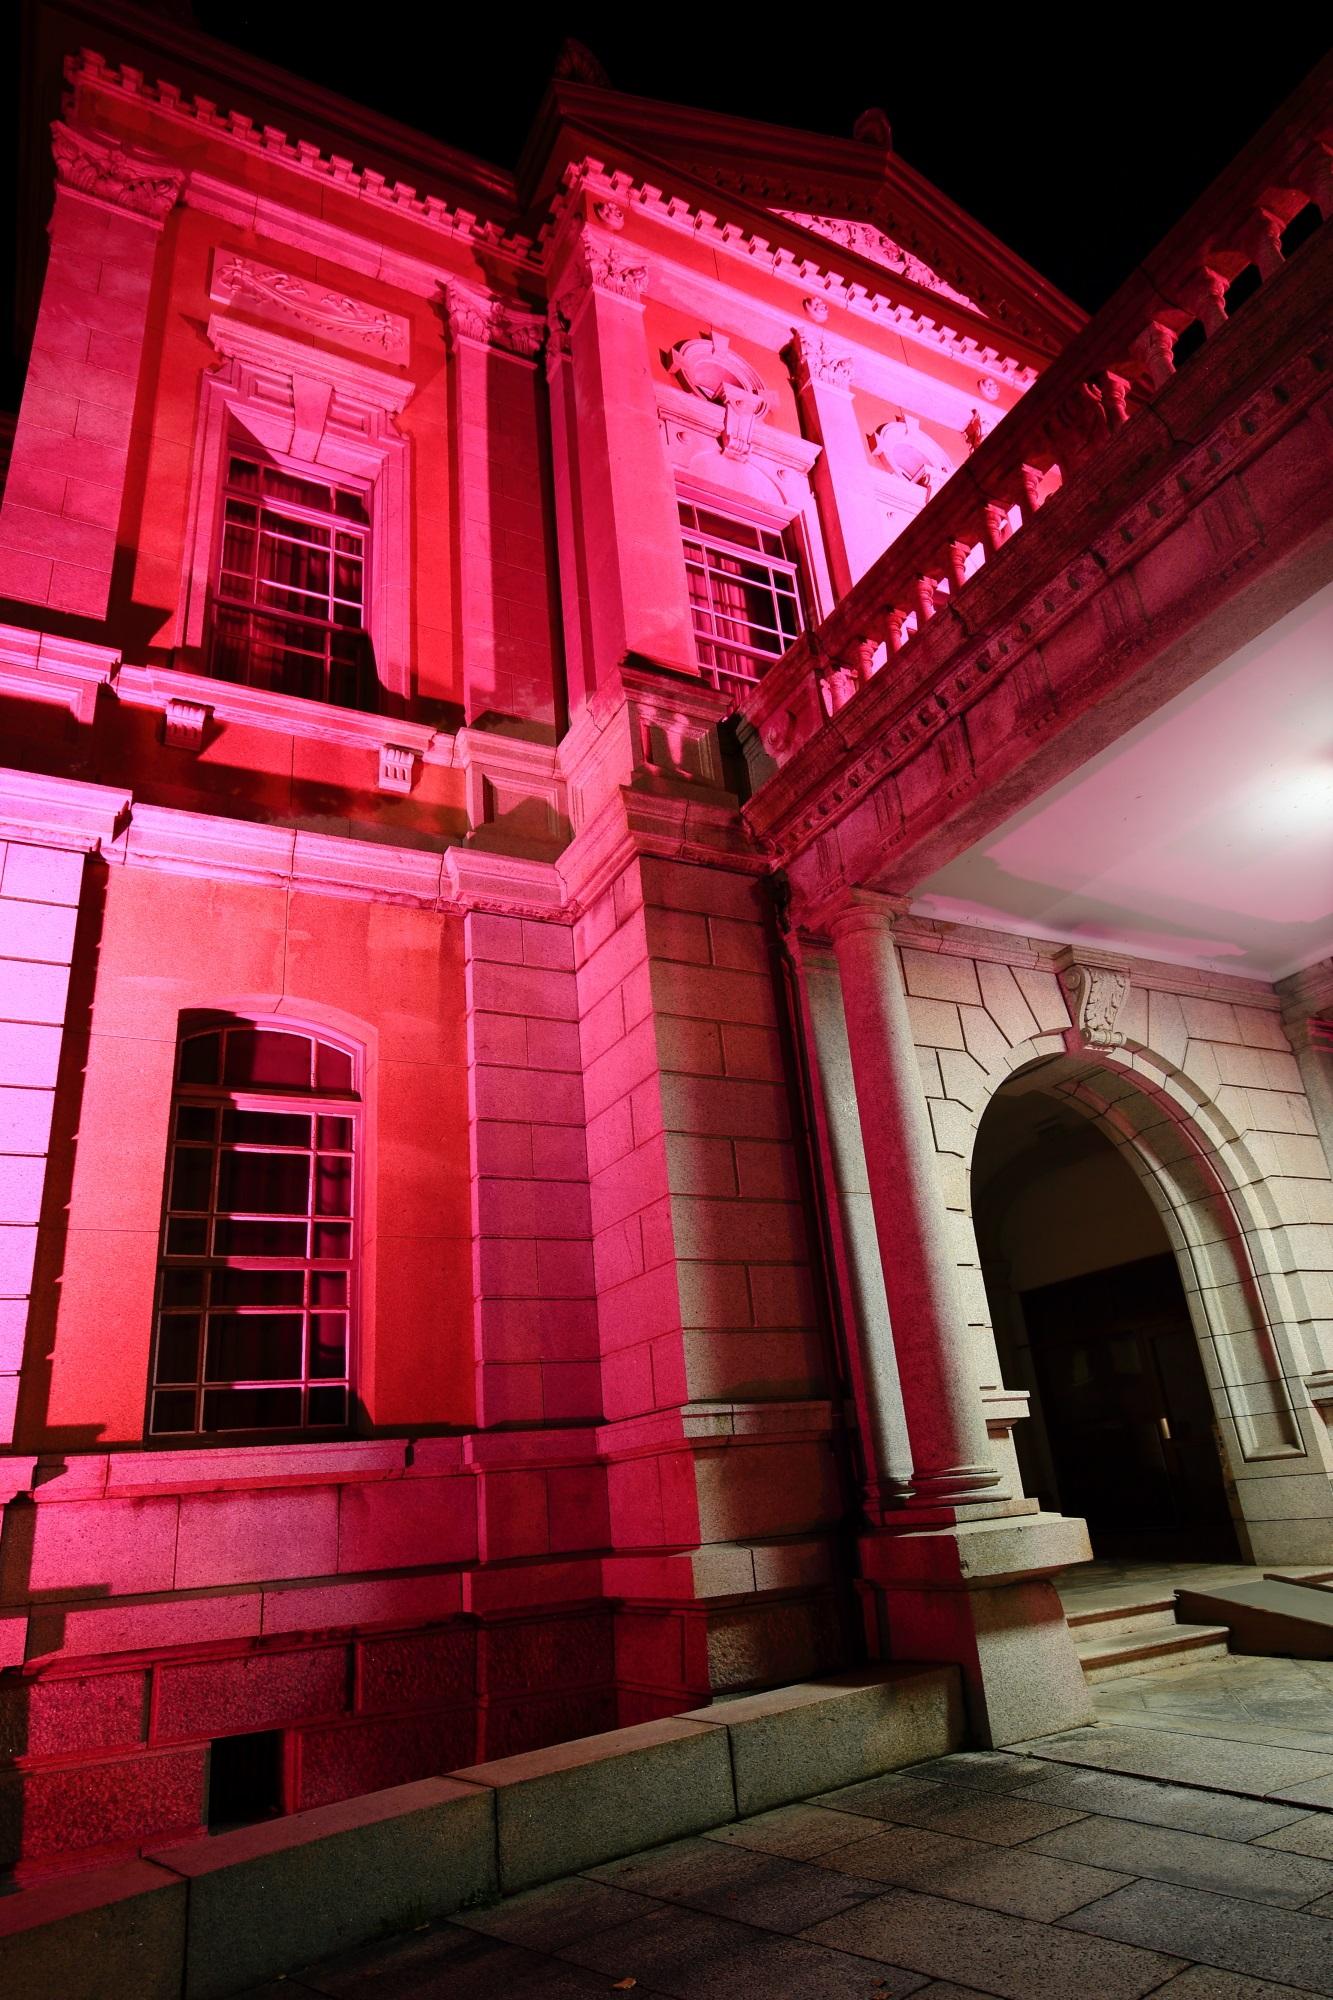 ピンクリボン活動の旧本館のピンクライトアップ